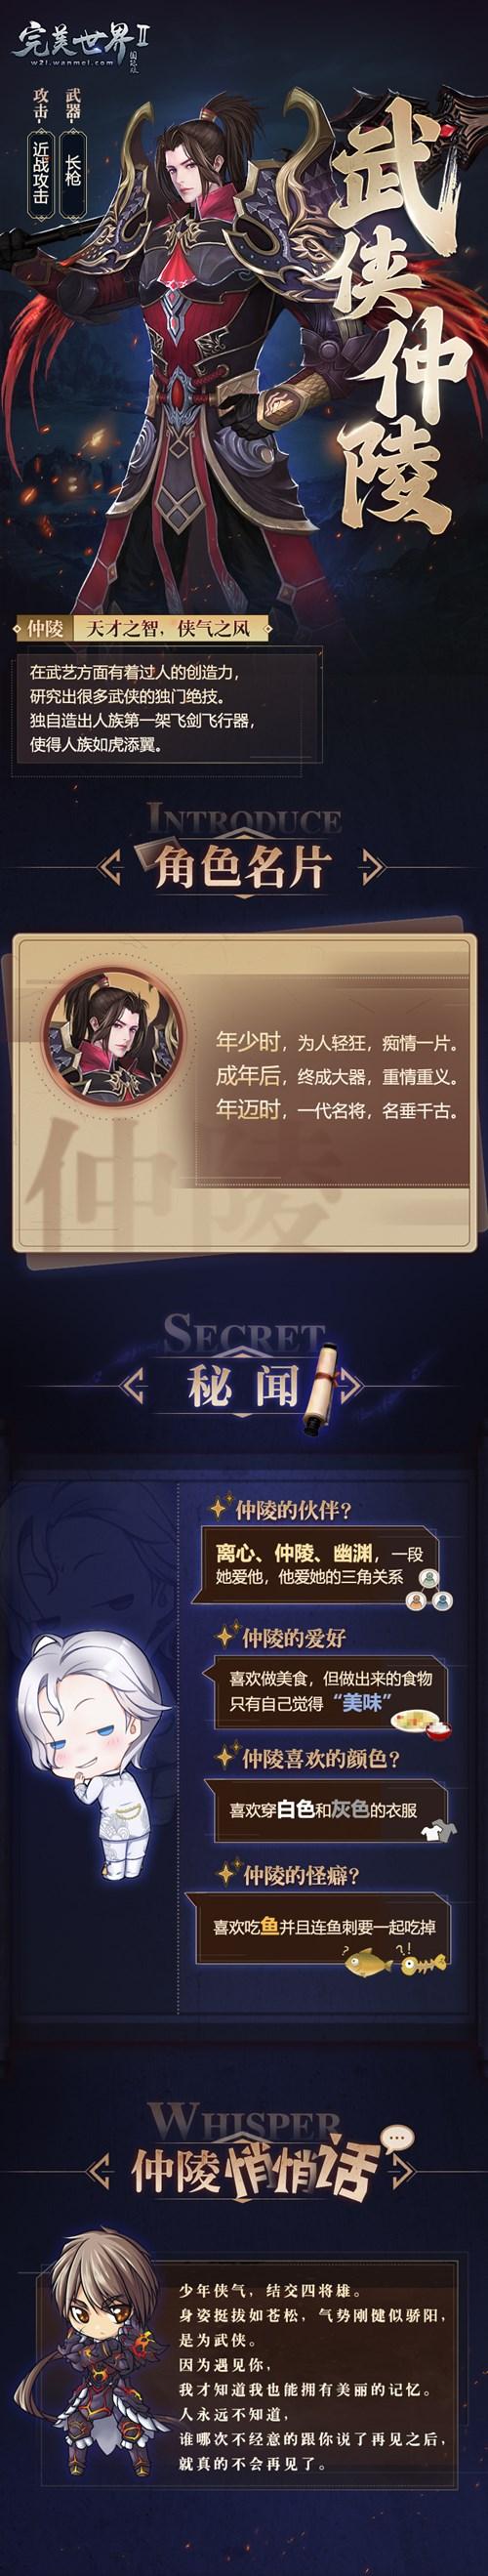 图片: 仲陵职业长图(2)_副本.jpg